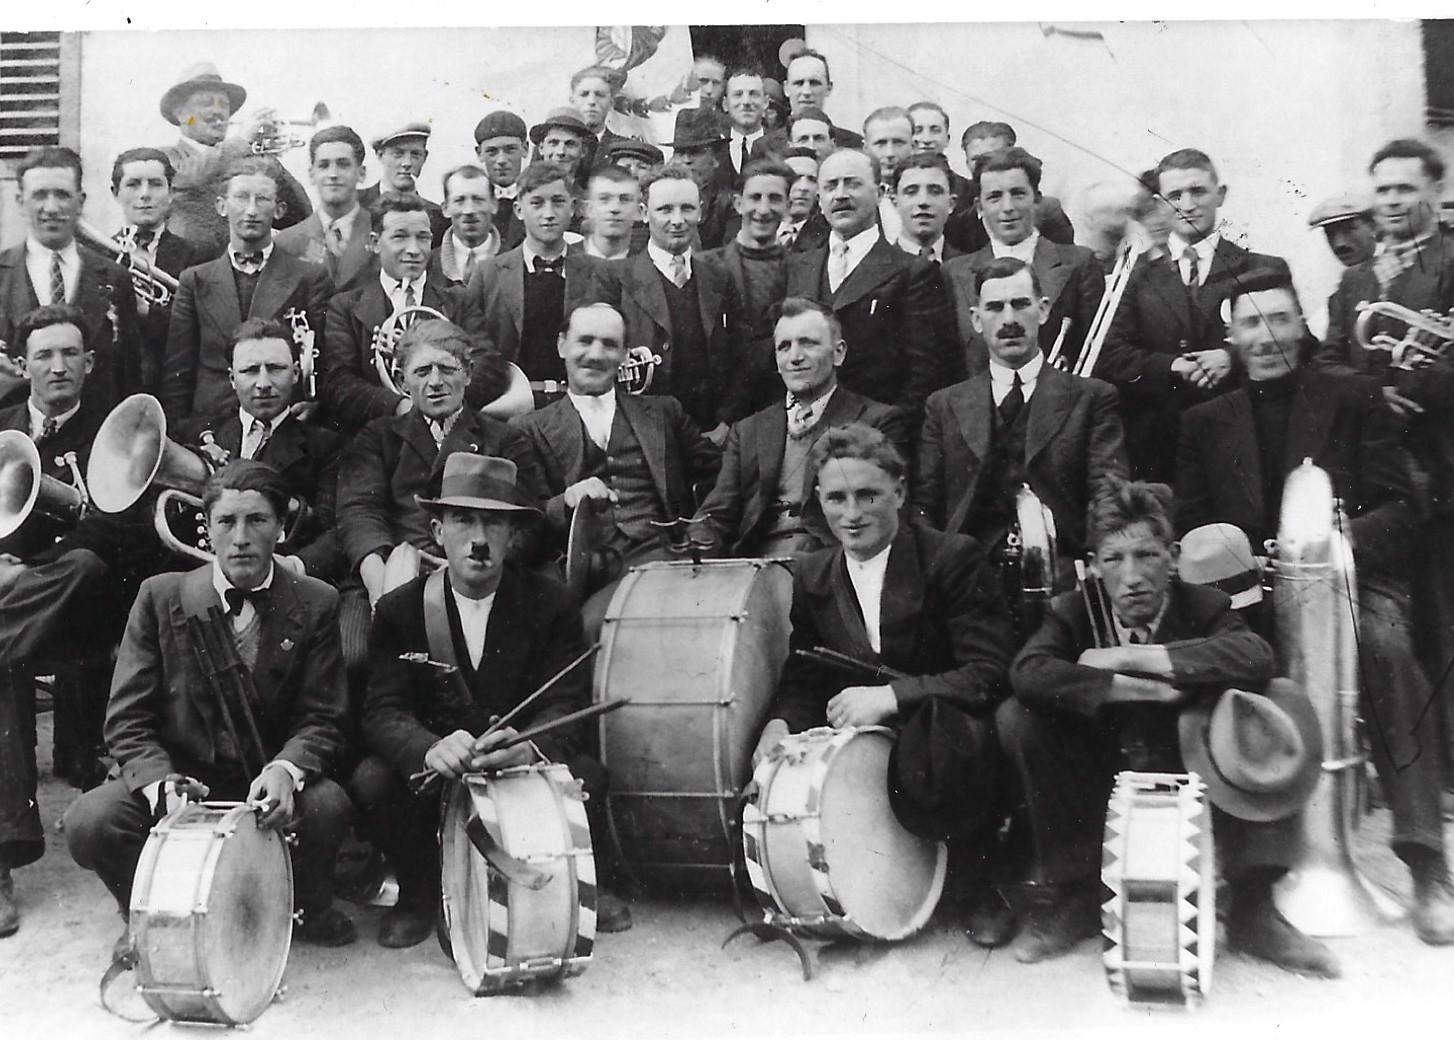 Musiciens de la fanfare l'Avenir devant le Café des Vignerons en 1937